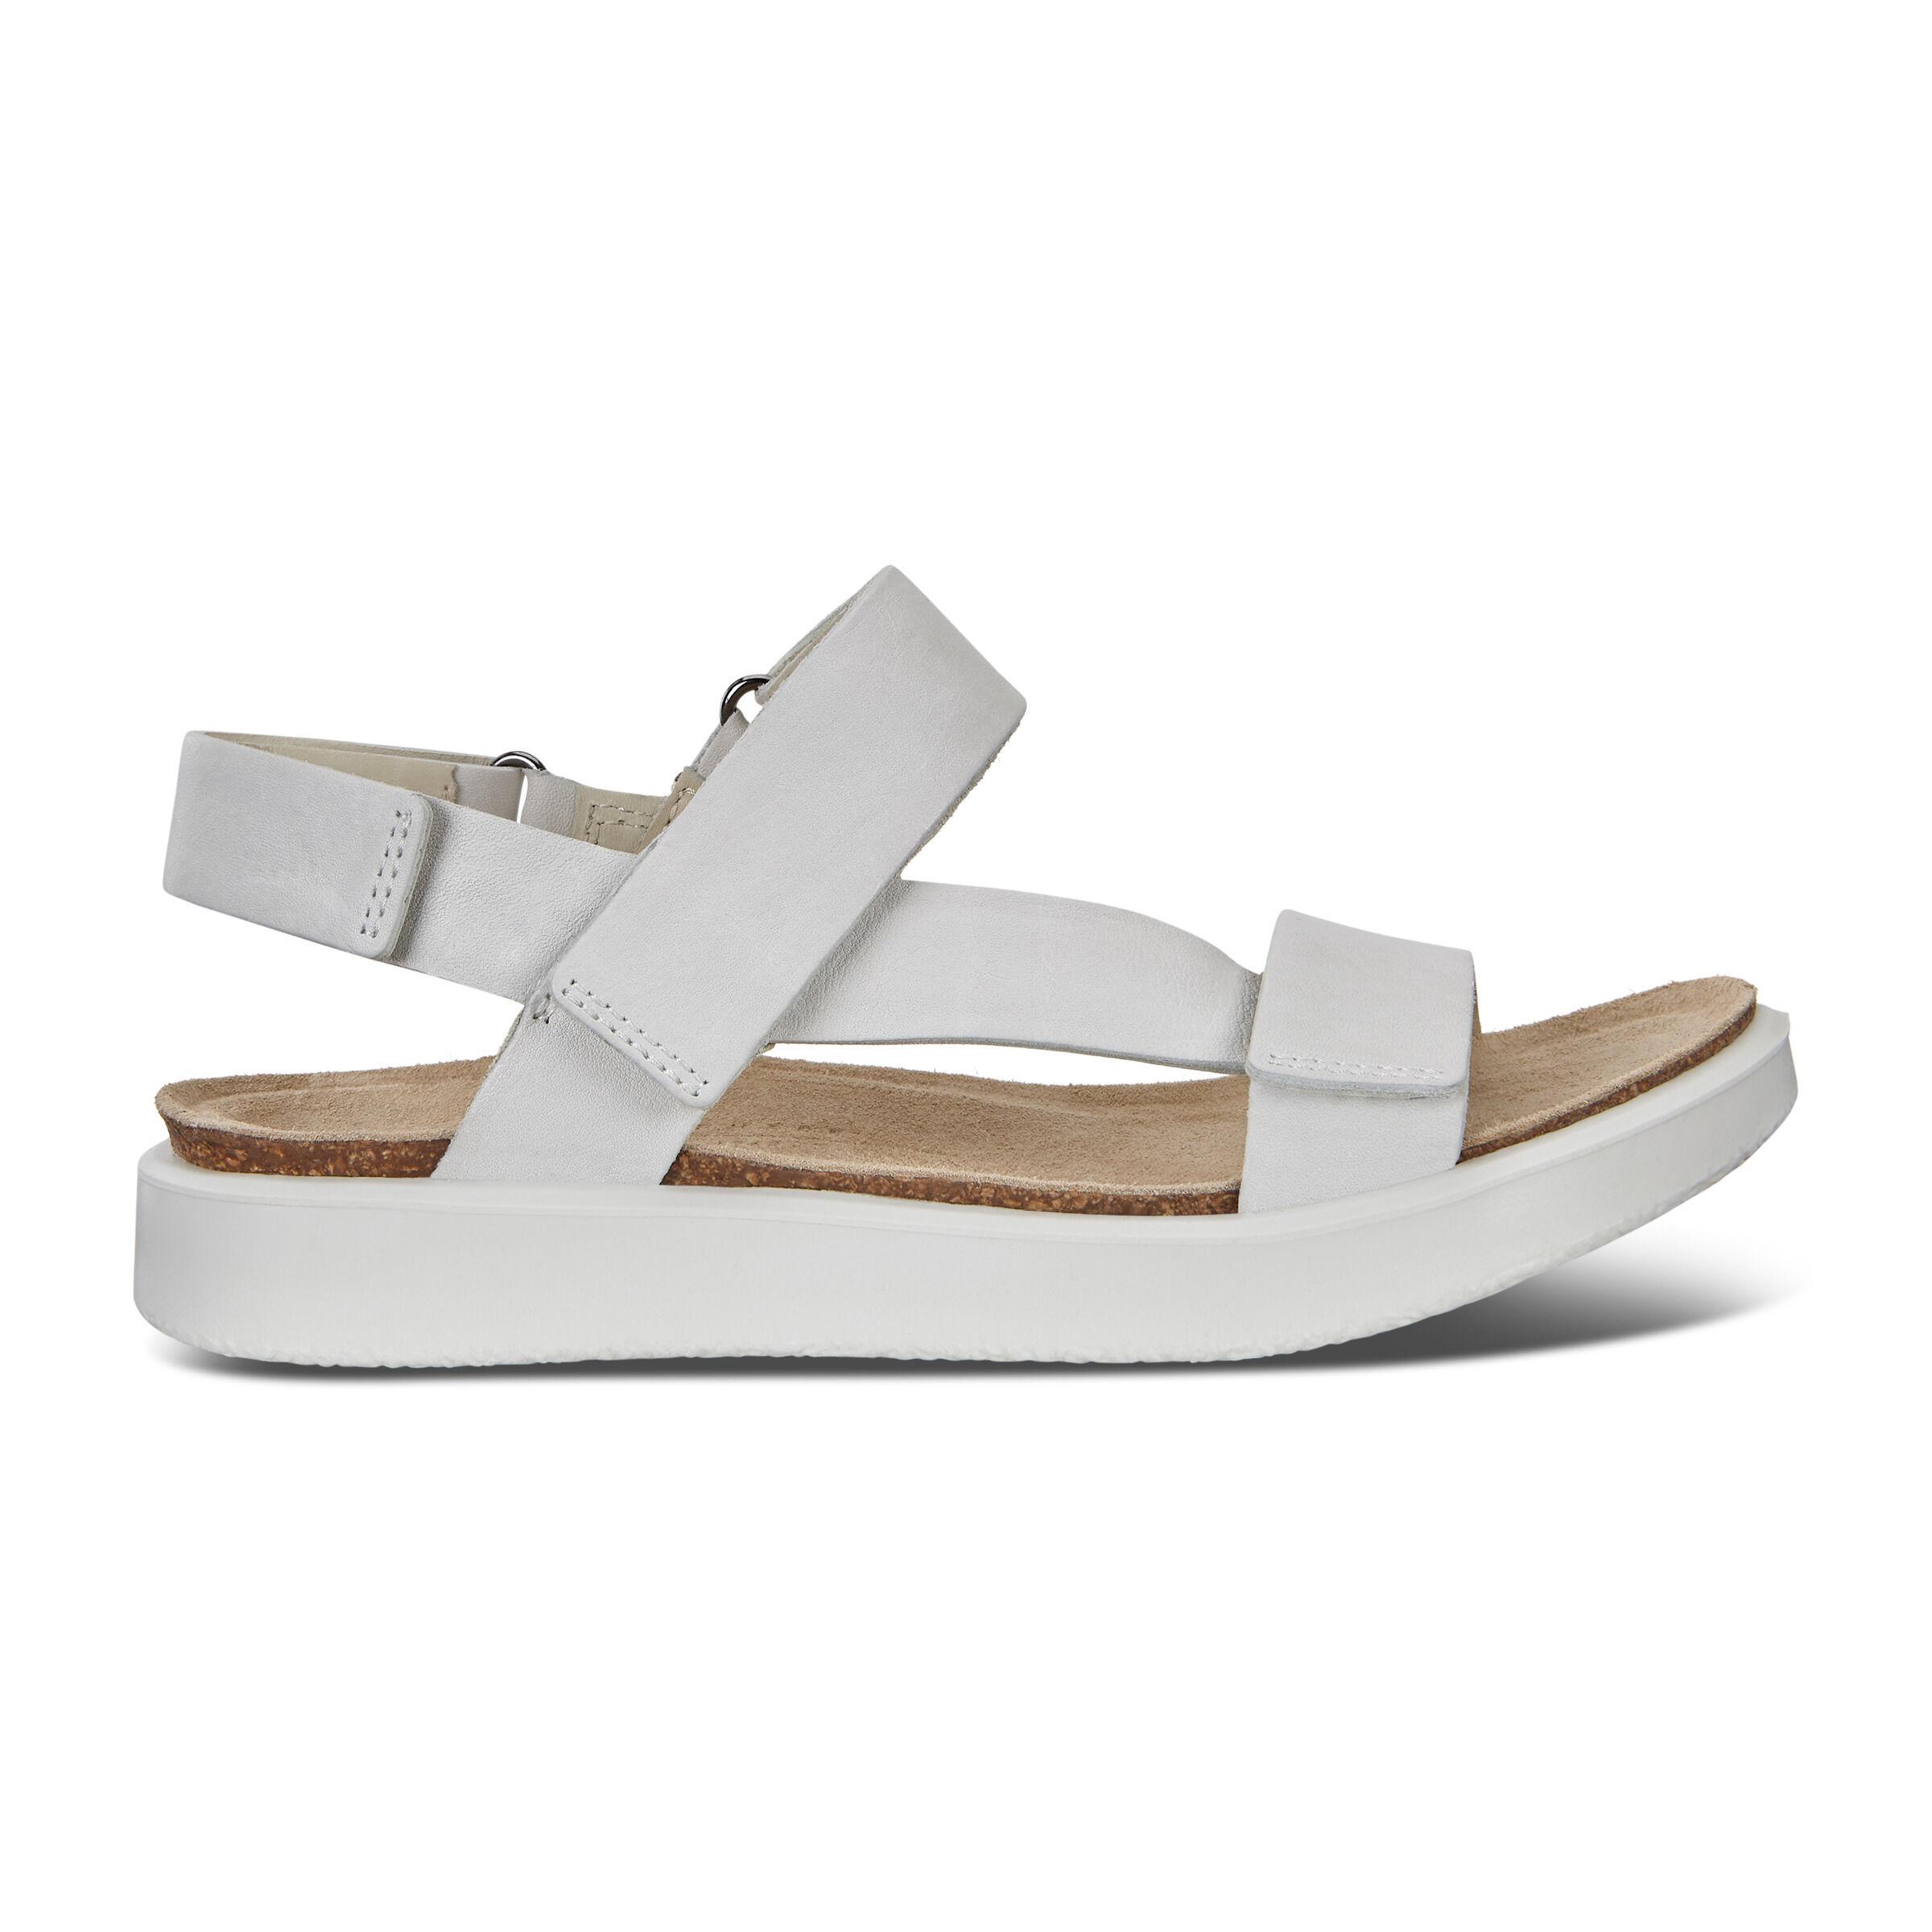 Women's Sandals | ECCO® Shoes